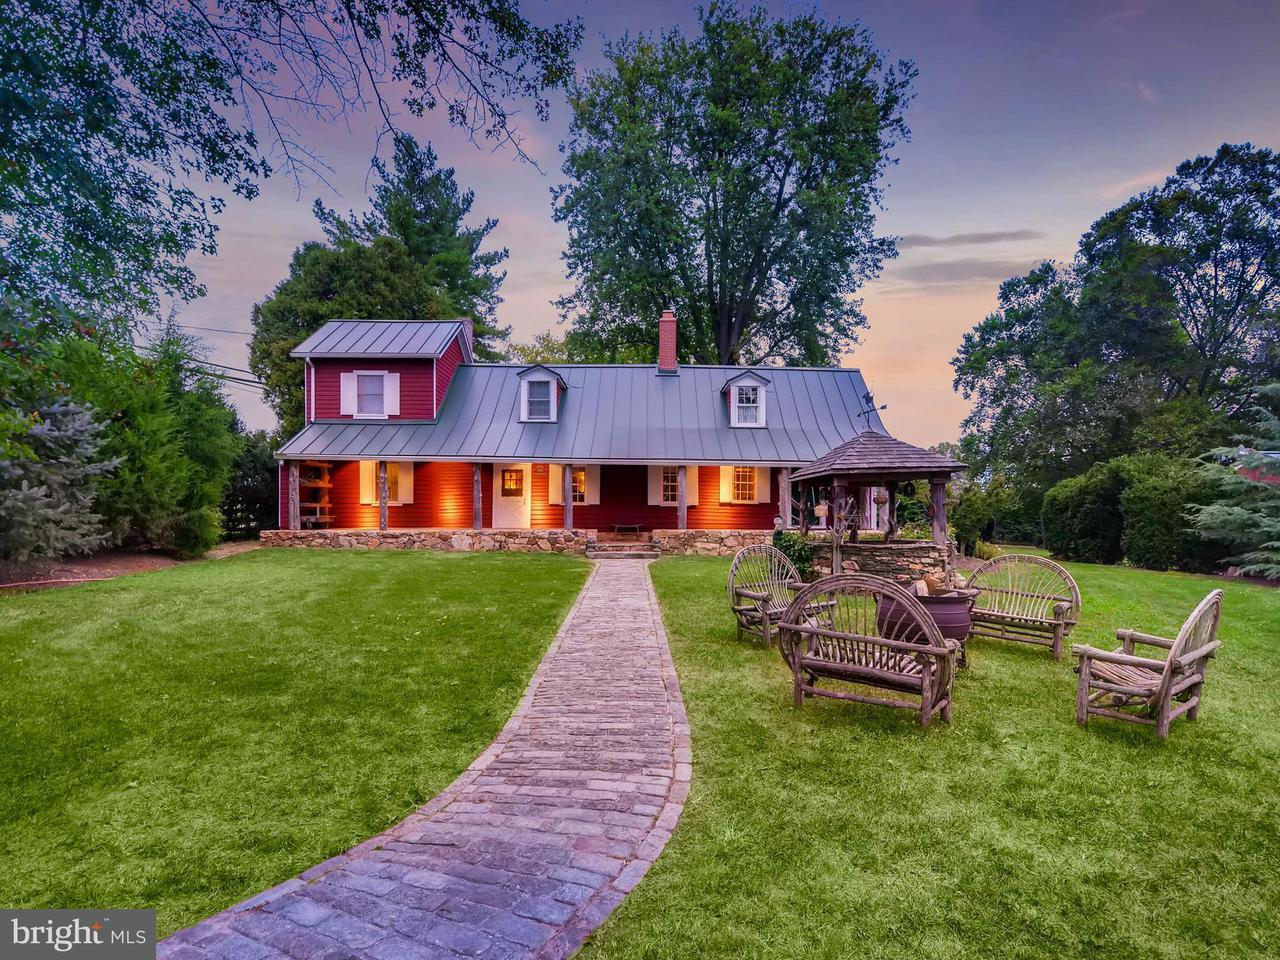 Частный односемейный дом для того Продажа на 16201 MARKOE Road 16201 MARKOE Road Monkton, Мэриленд 21111 Соединенные Штаты